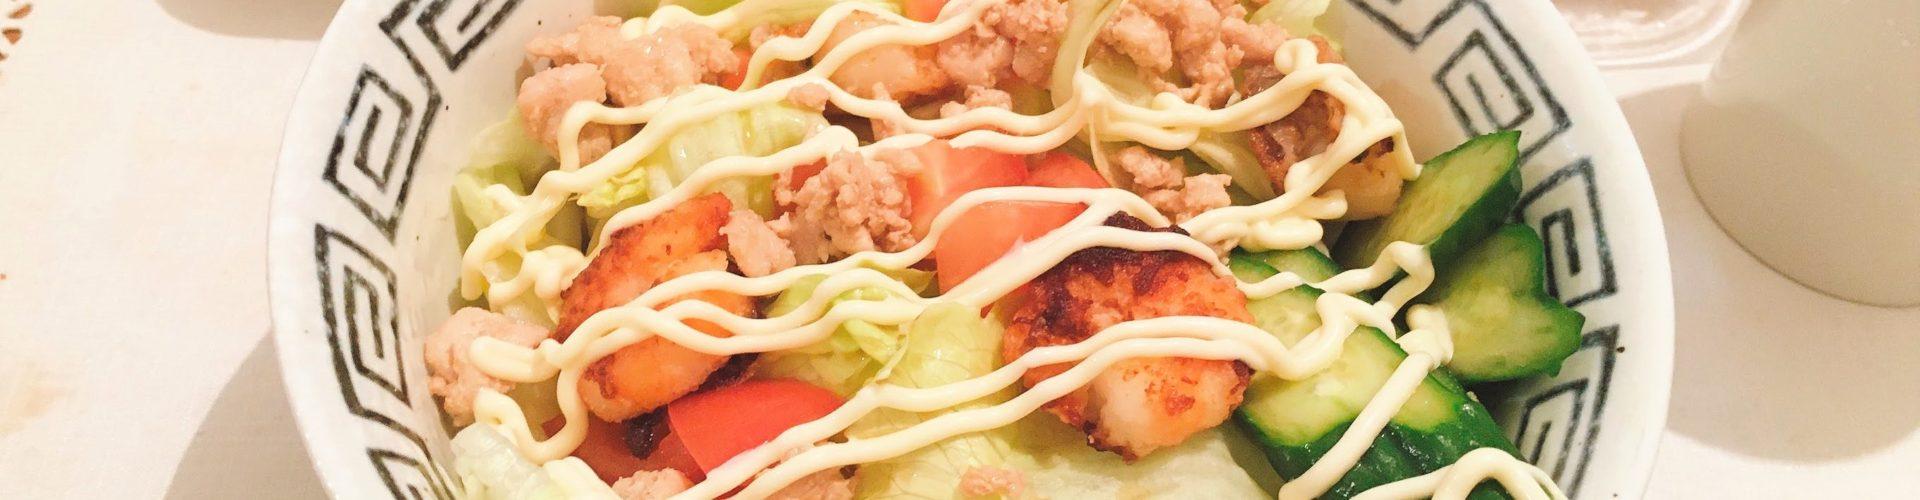 料理「シーフードサラダうどん」